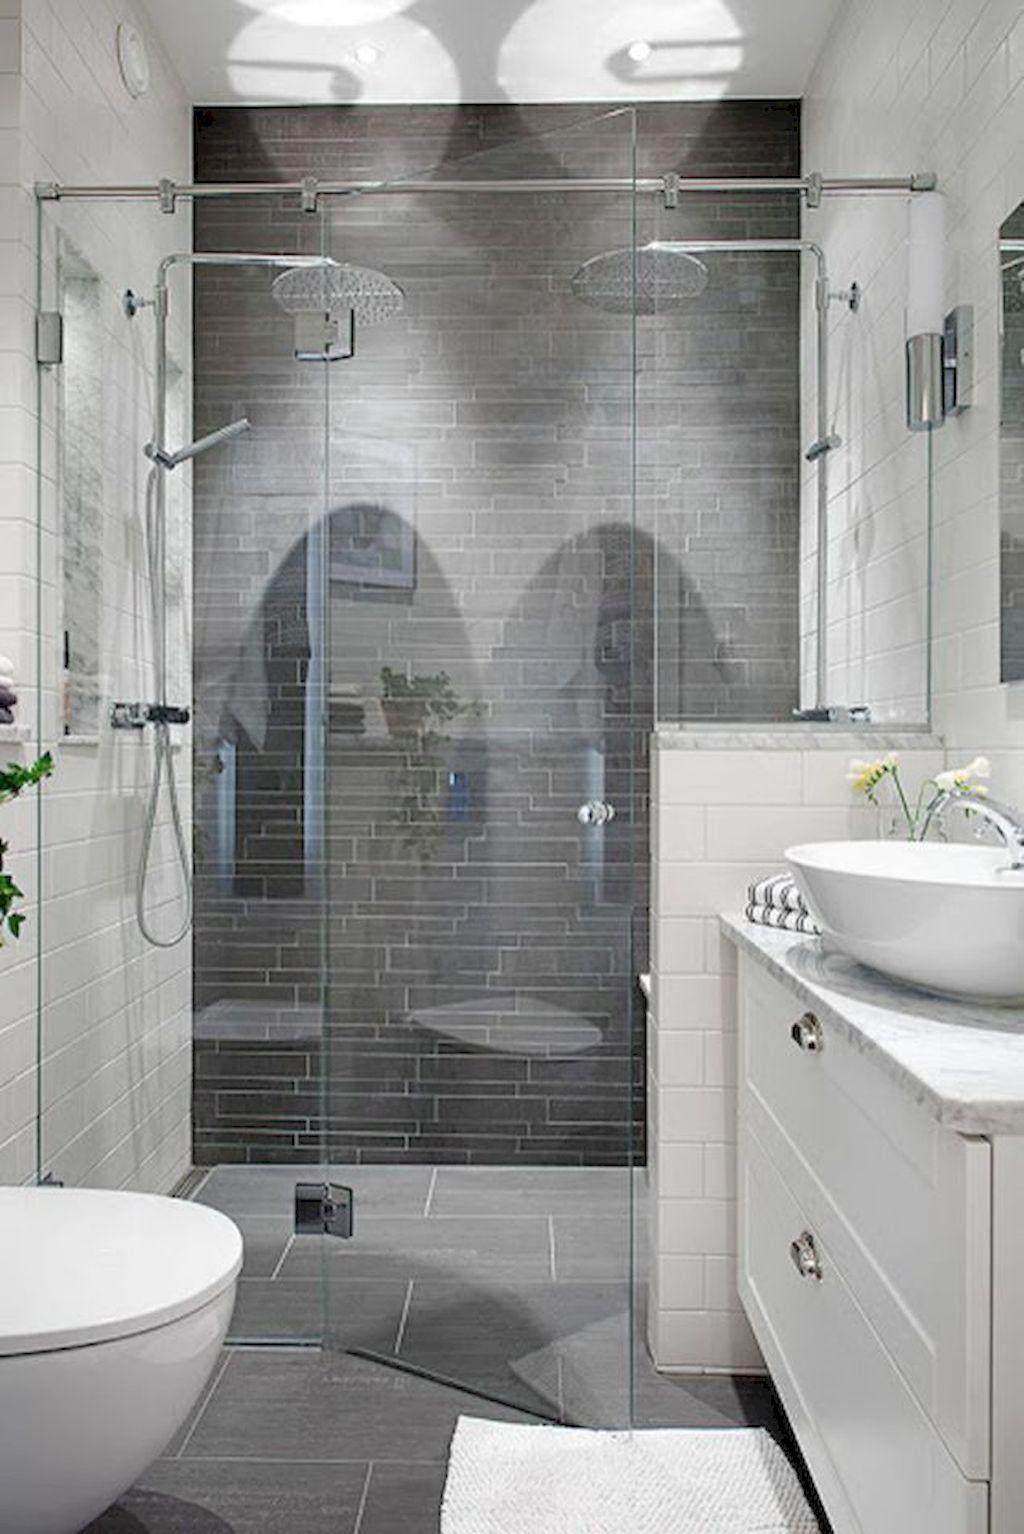 Bon 32 Fresh Small Master Bathroom Remodel Ideas